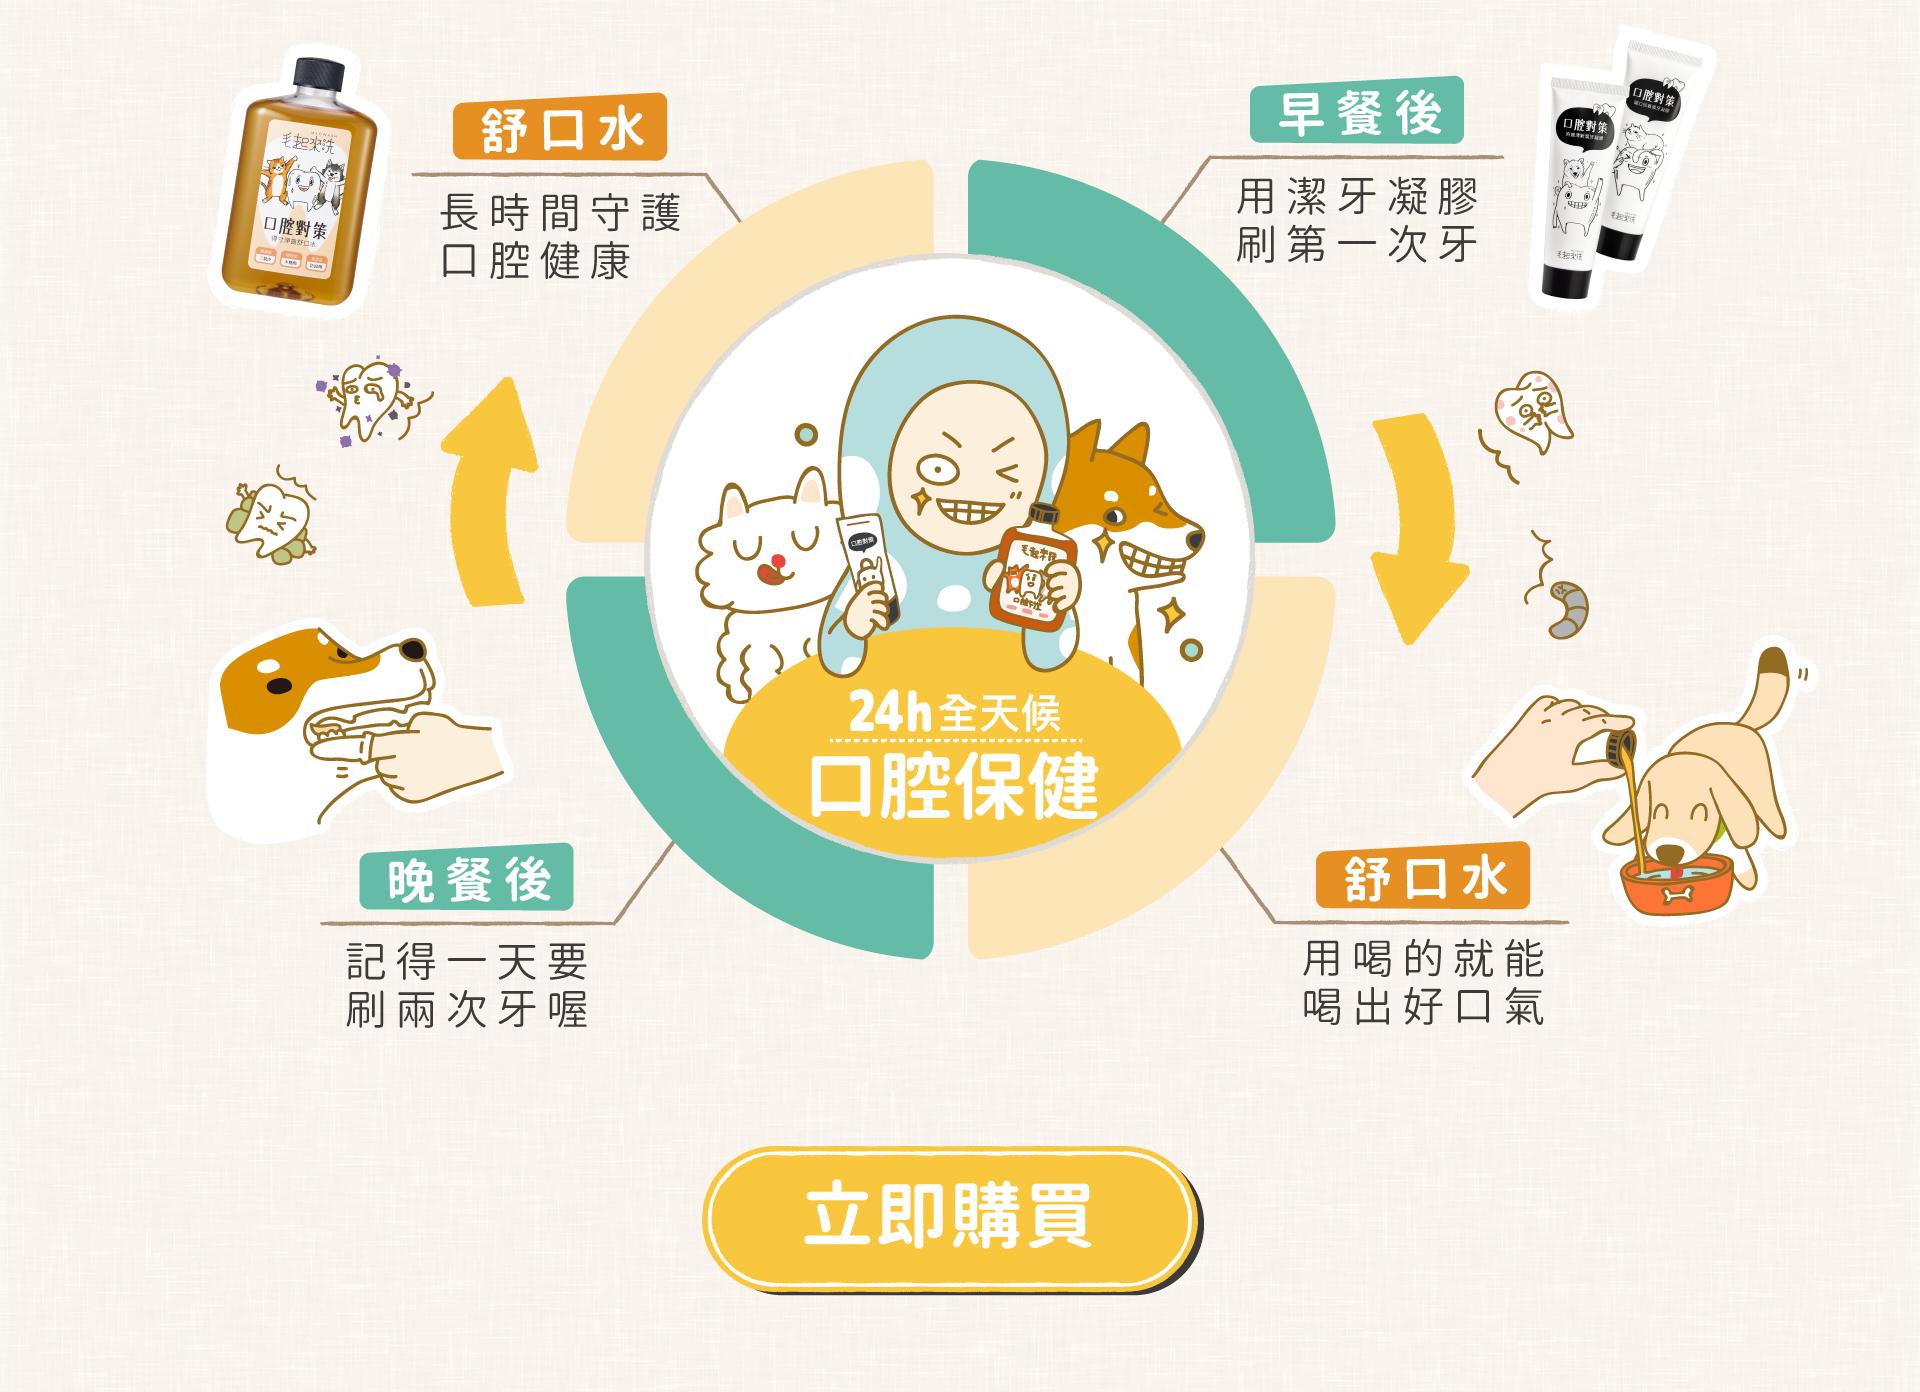 二十四小時全天候的寵物口腔保健:早餐後用潔牙凝膠刷第一次牙;日間喝舒口水喝出好口氣;晚餐後記得要刷第二次牙喔;全天飲用舒口水長時間守護毛孩口腔健康。